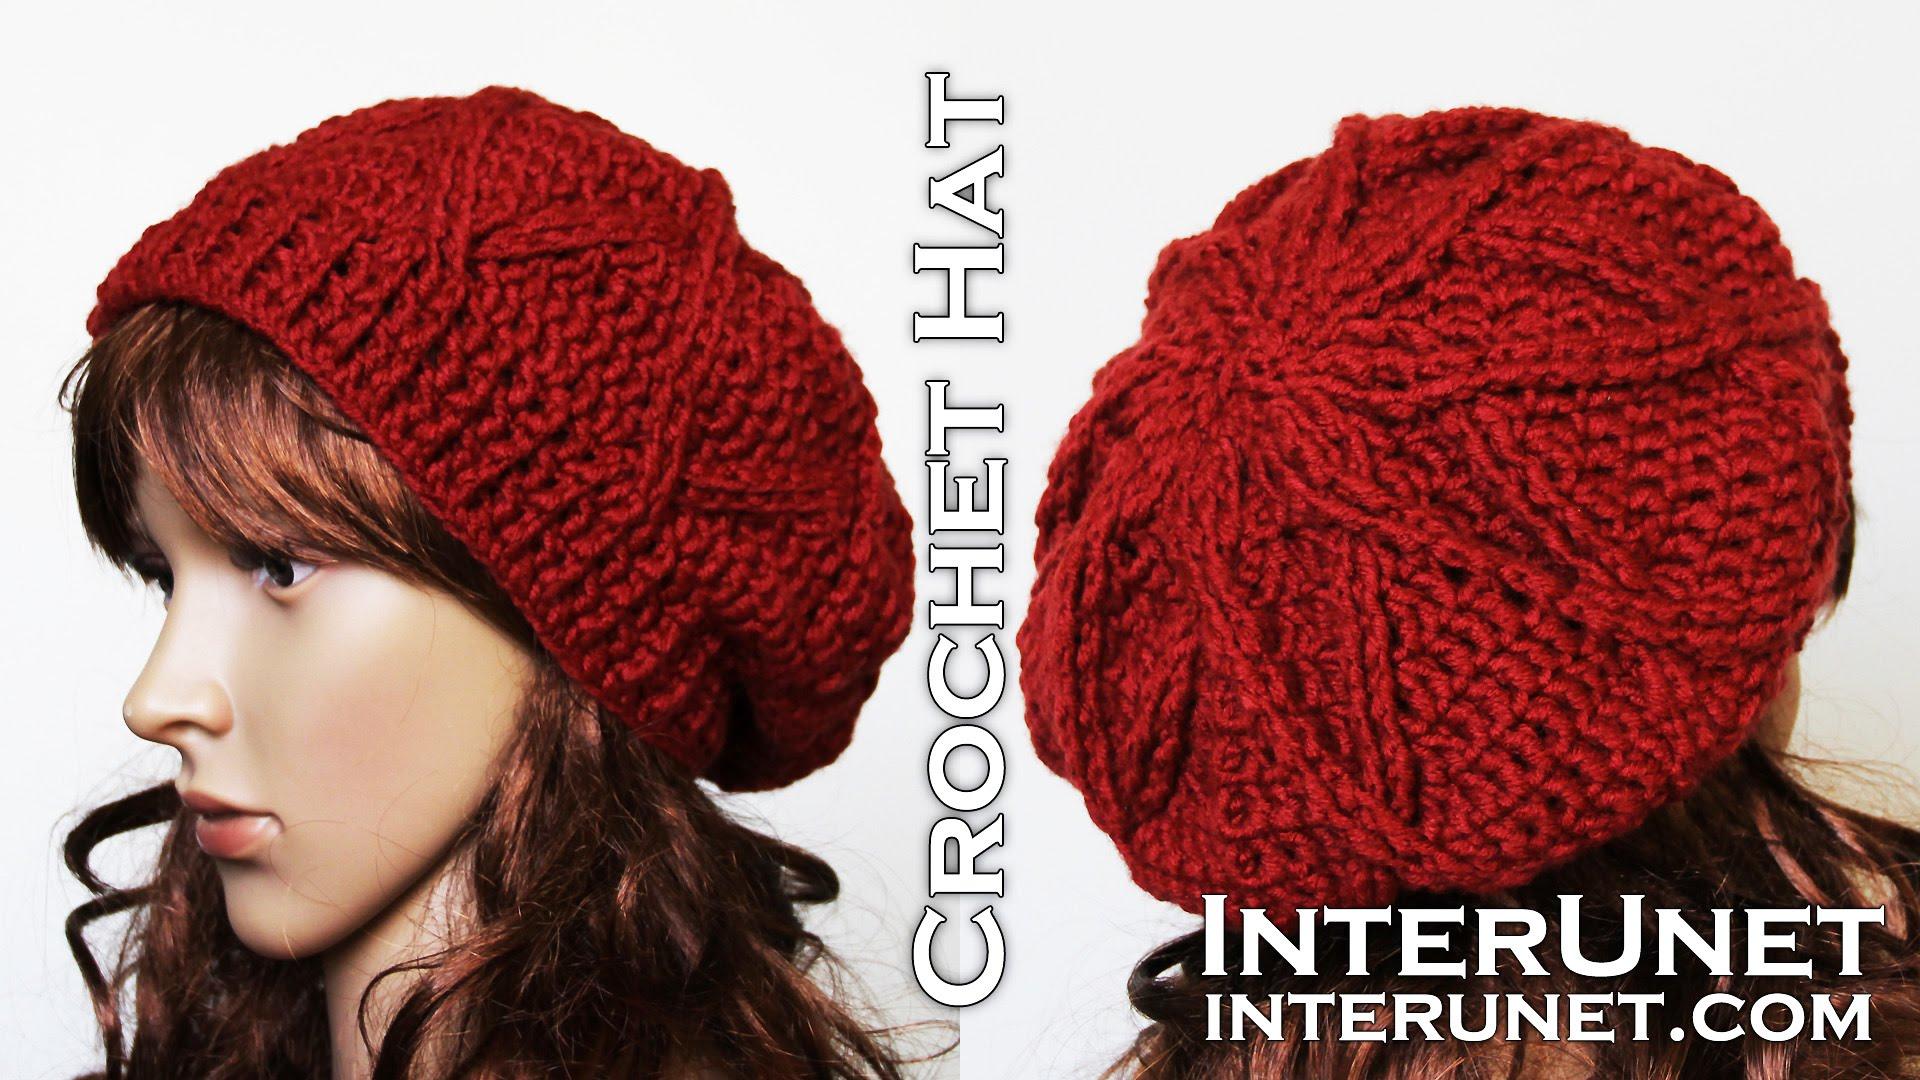 beanie crochet pattern how to crochet a hat - slouchy hat crochet pattern - youtube wovdmcc